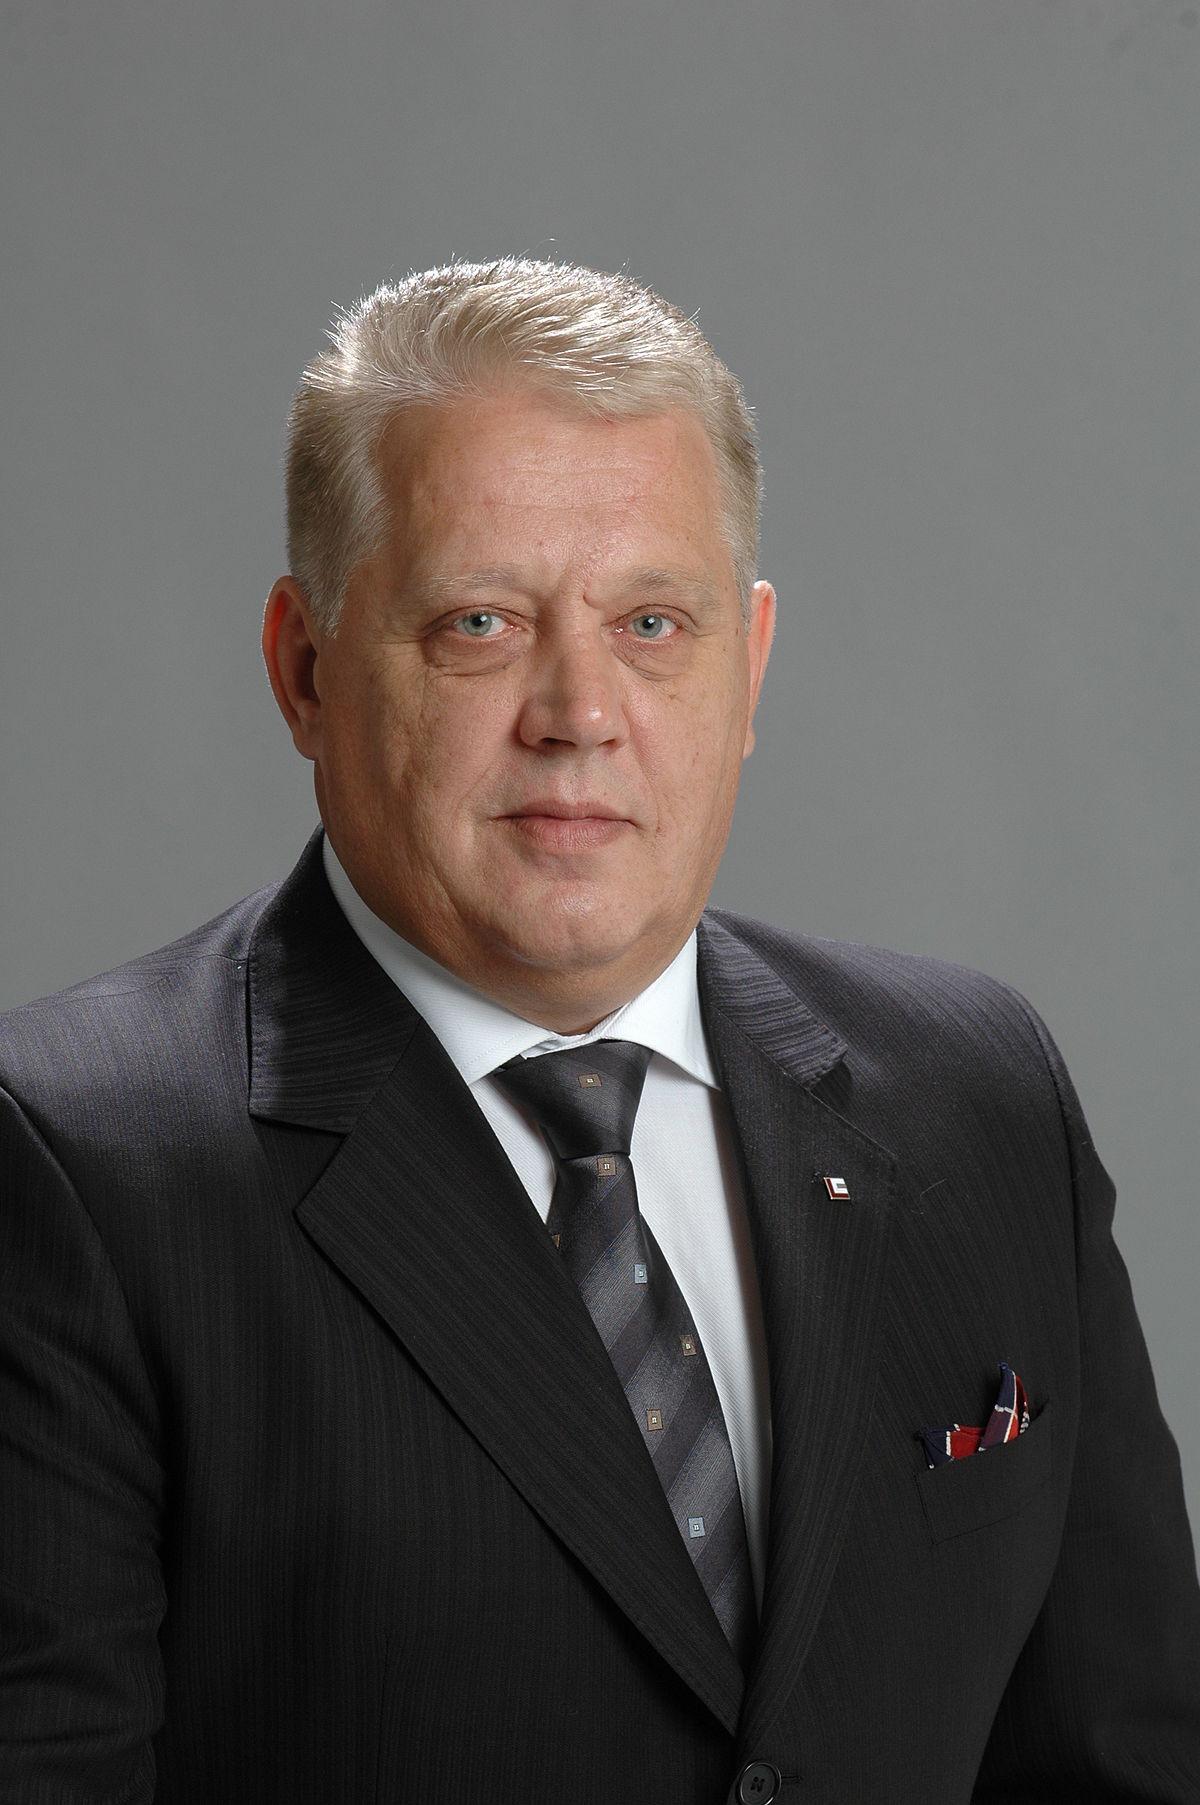 andris b u0113rzi u0146 u0161  latvian prime minister